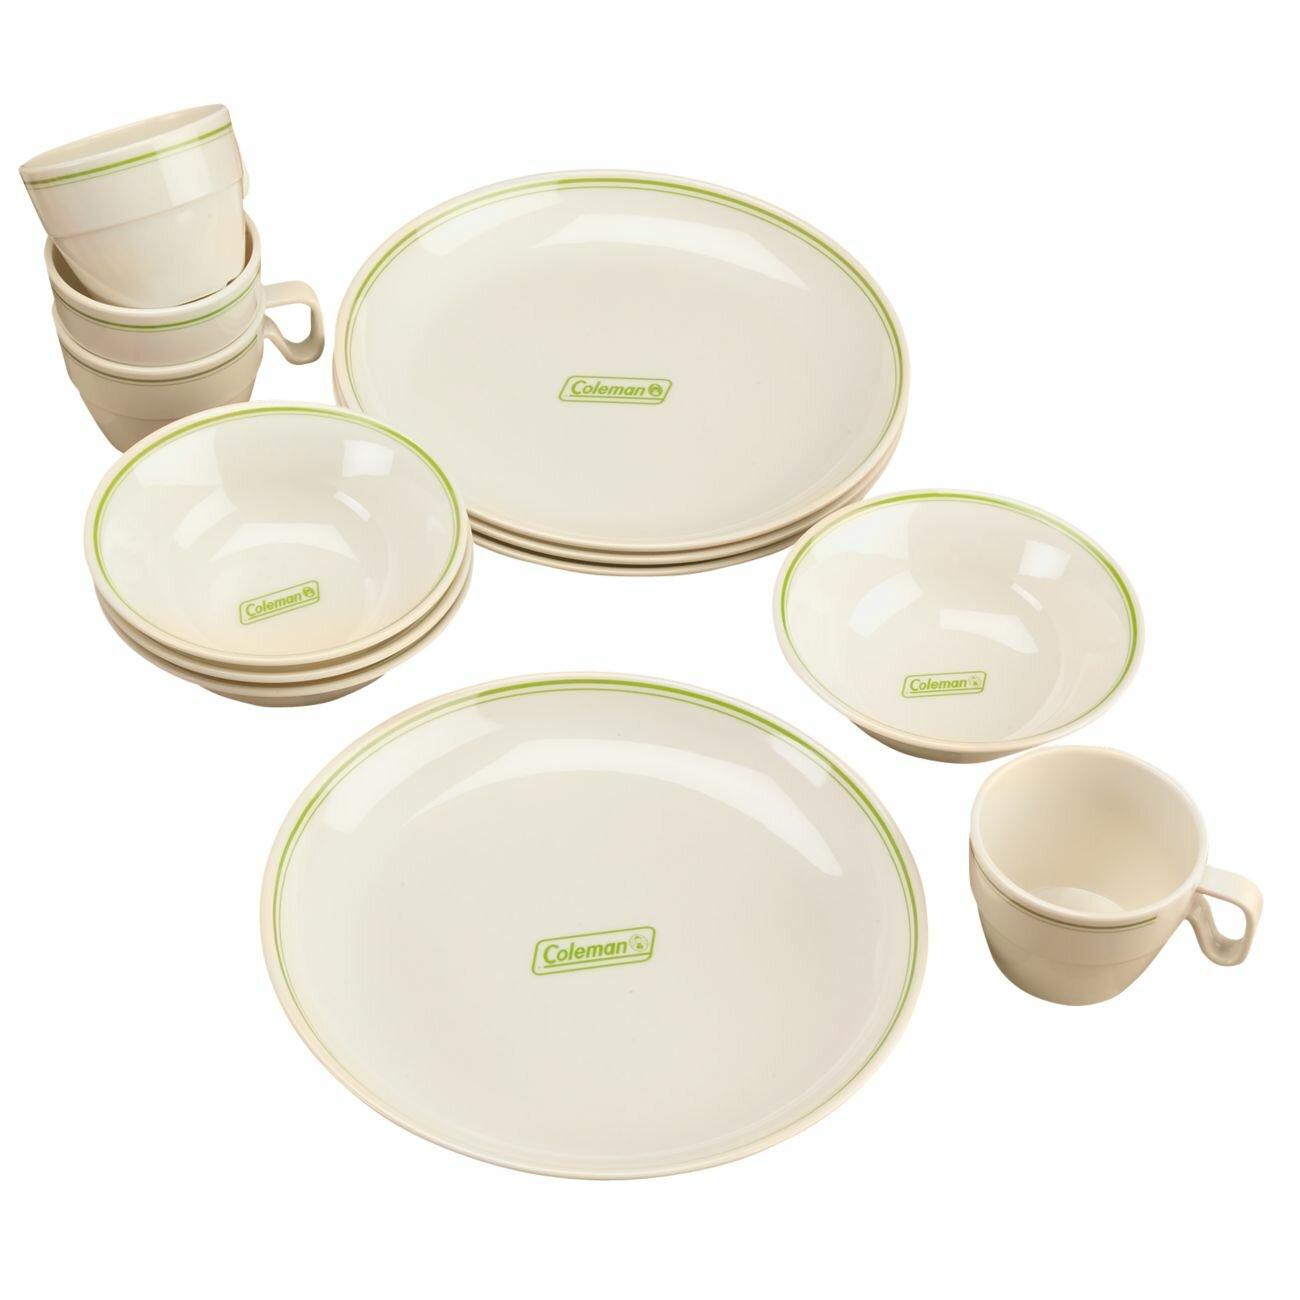 Coleman Melamine 12 Piece Dinnerware Set Ebay